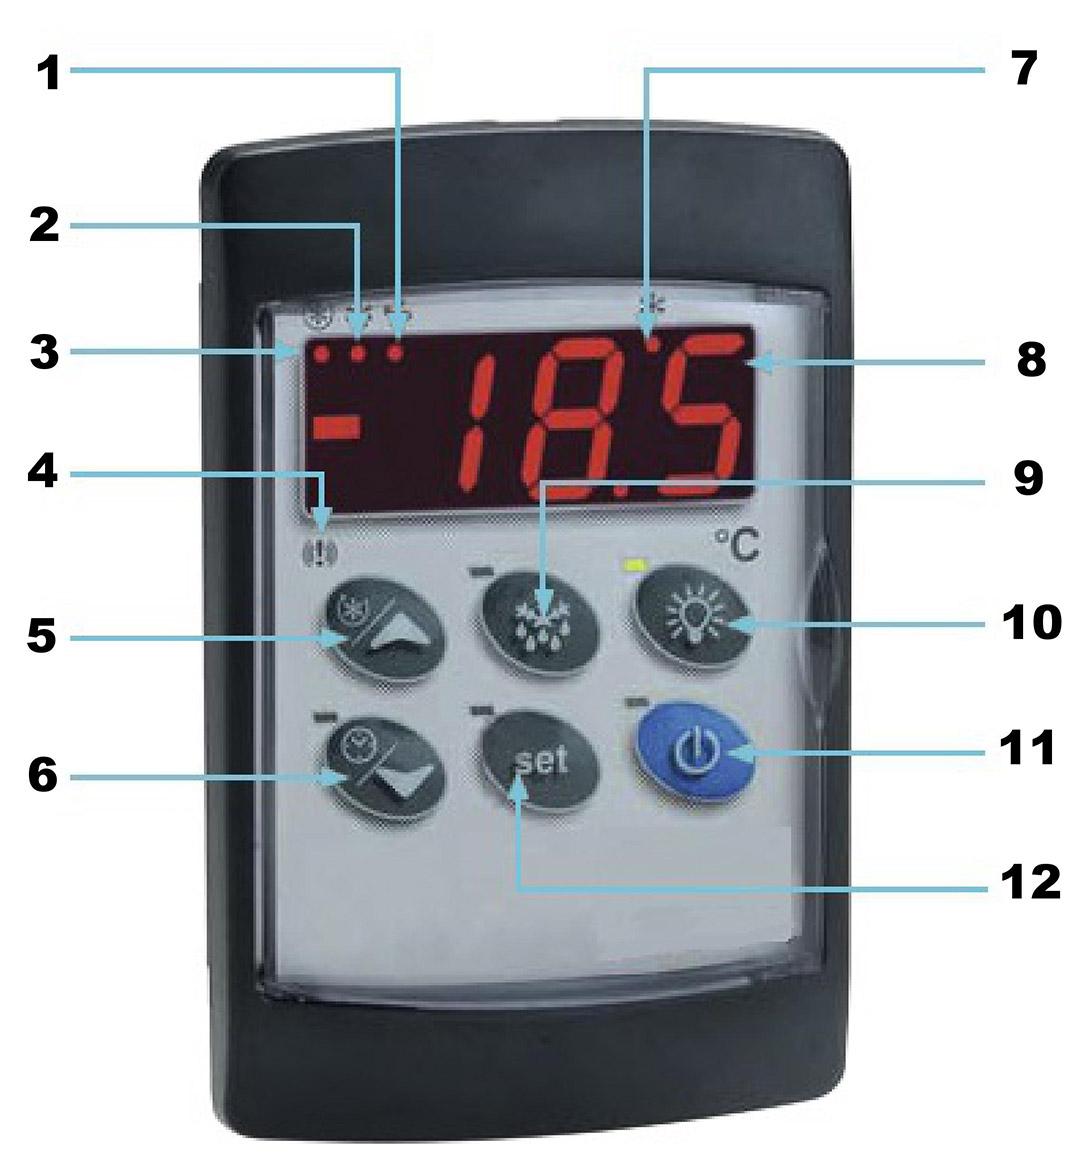 REGULATEUR ELECTRONIQUE MULTIFONCTIONS AVEC CONTROLE A DISTANCE